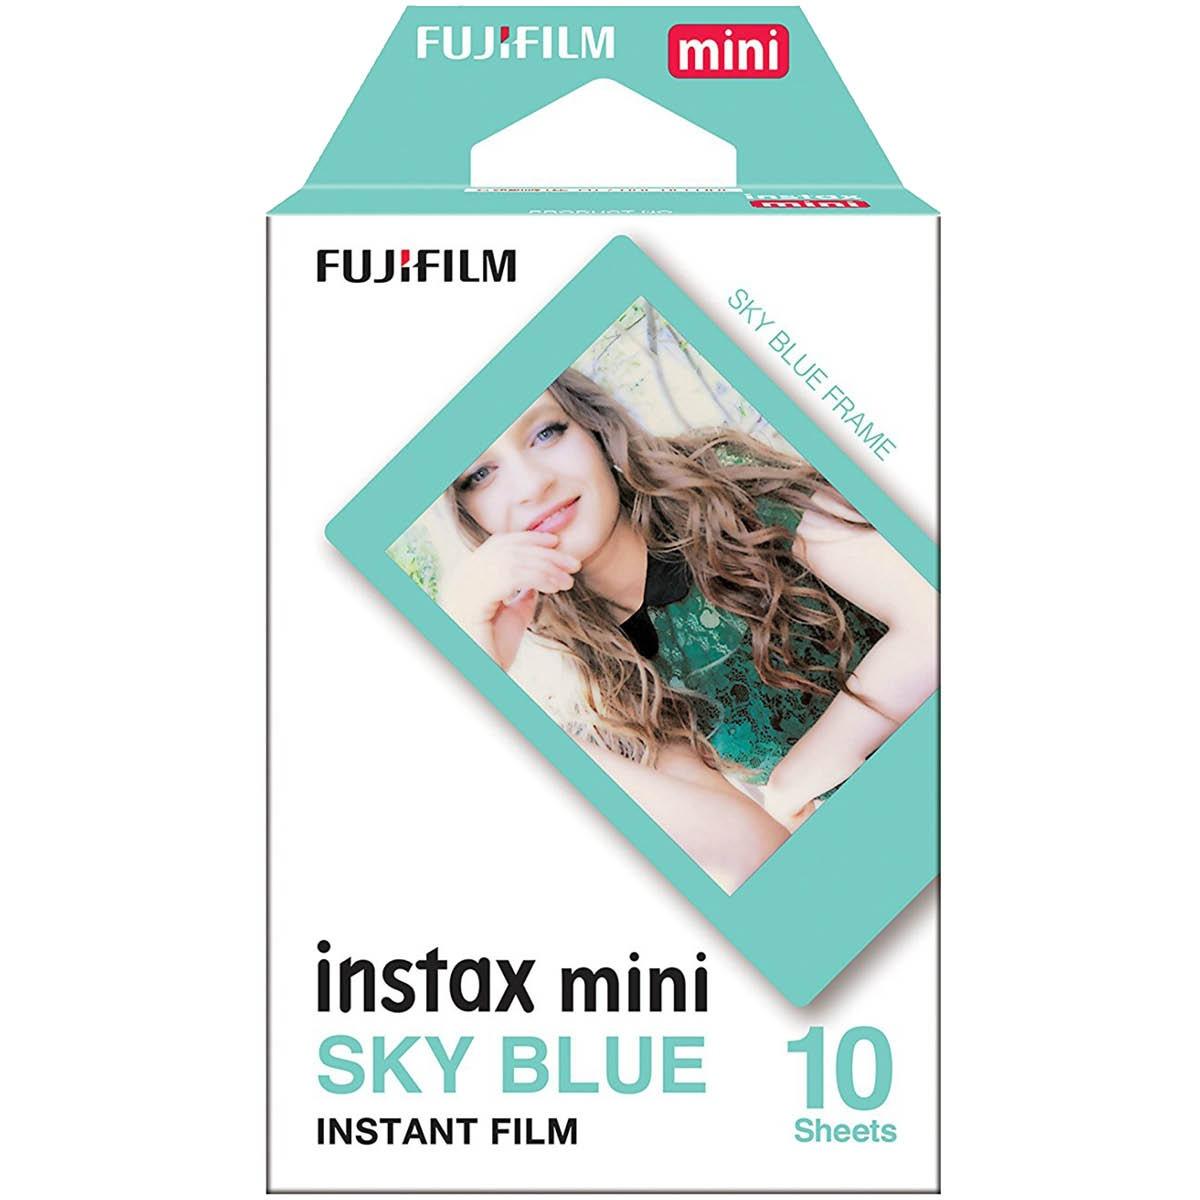 Fujifilm Instax Mini Sky Blue Film